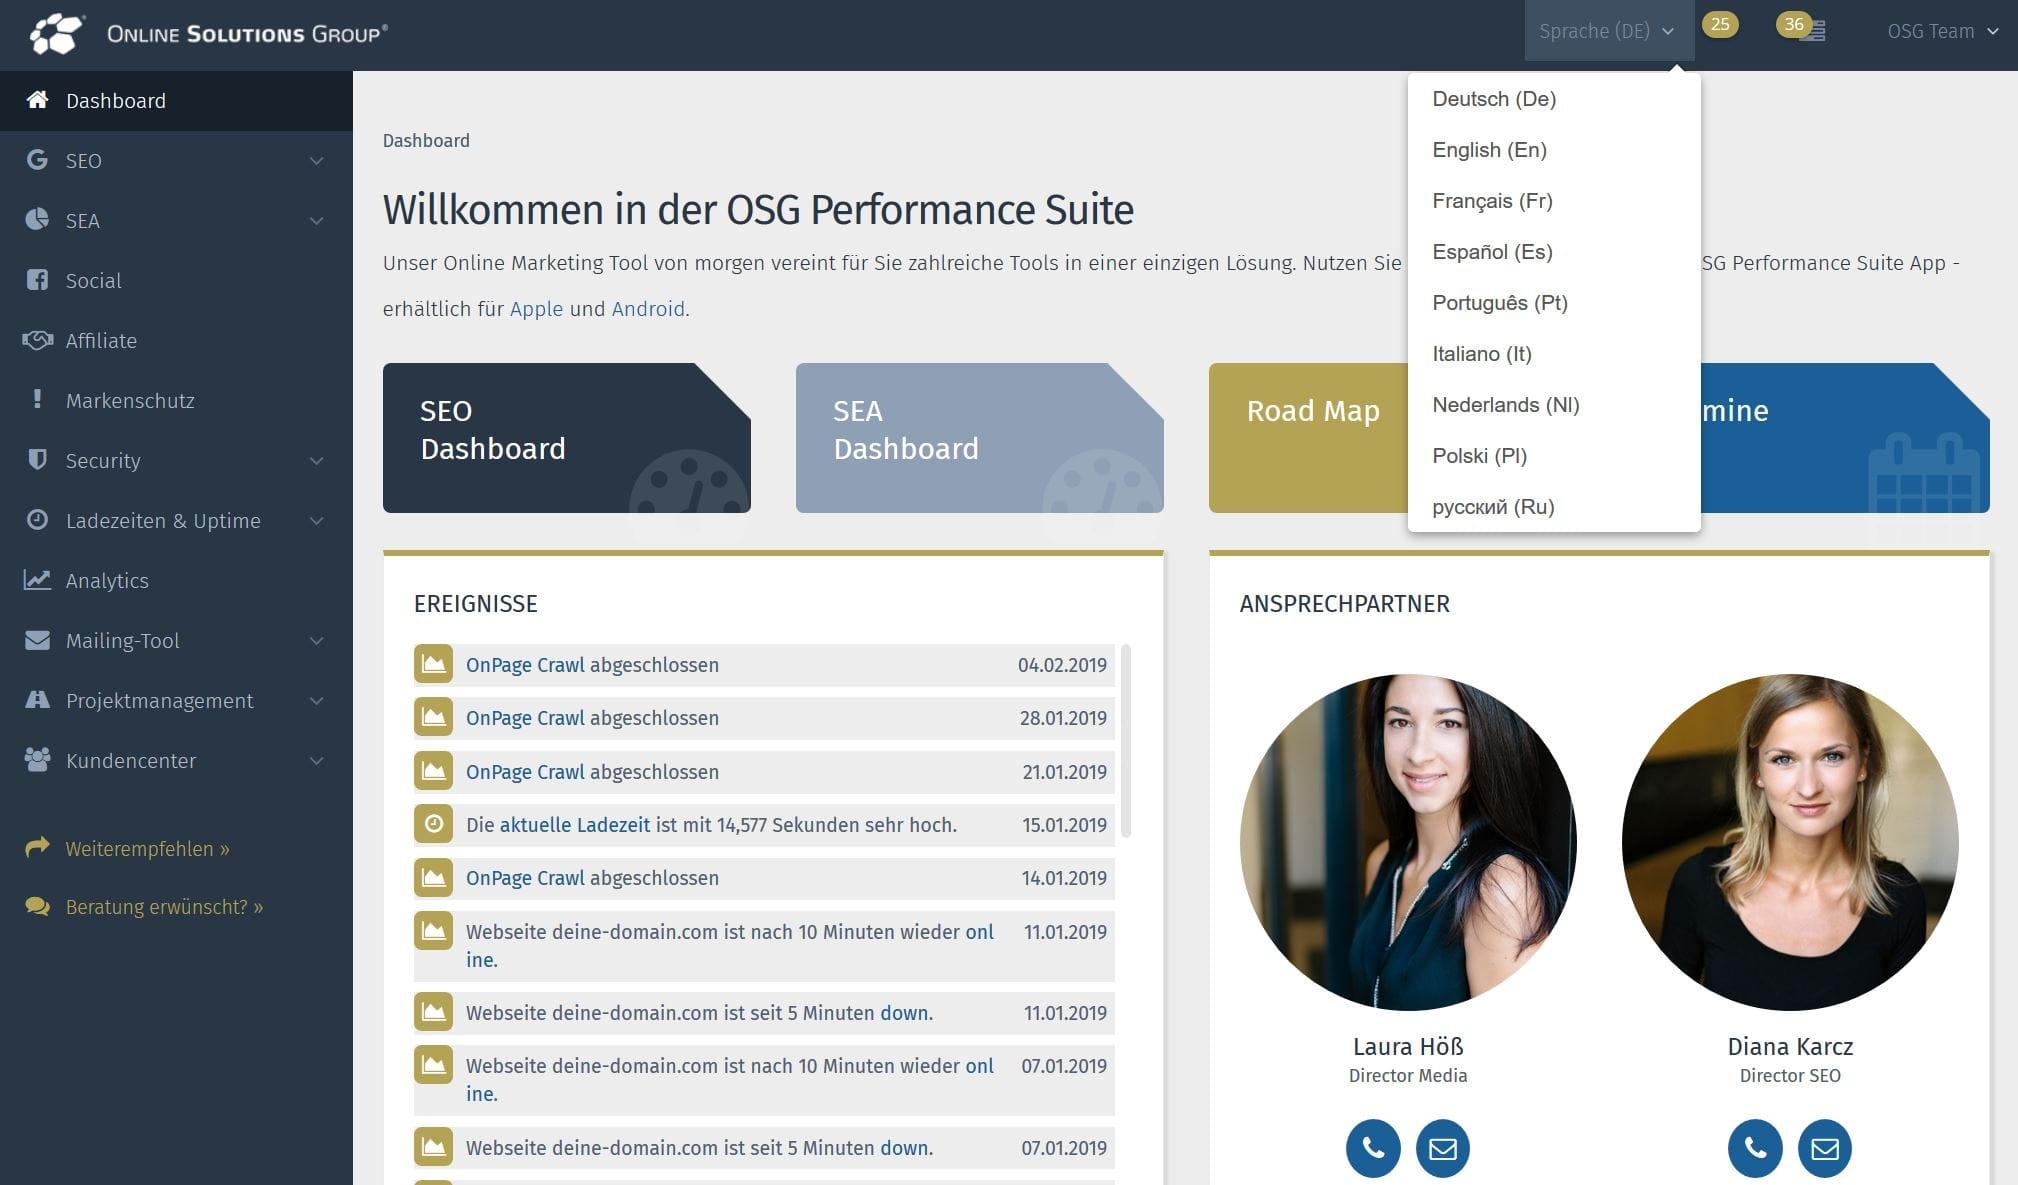 Nutzen Sie die Performance Suite in bis zu neun verschiedenen Sprachen!